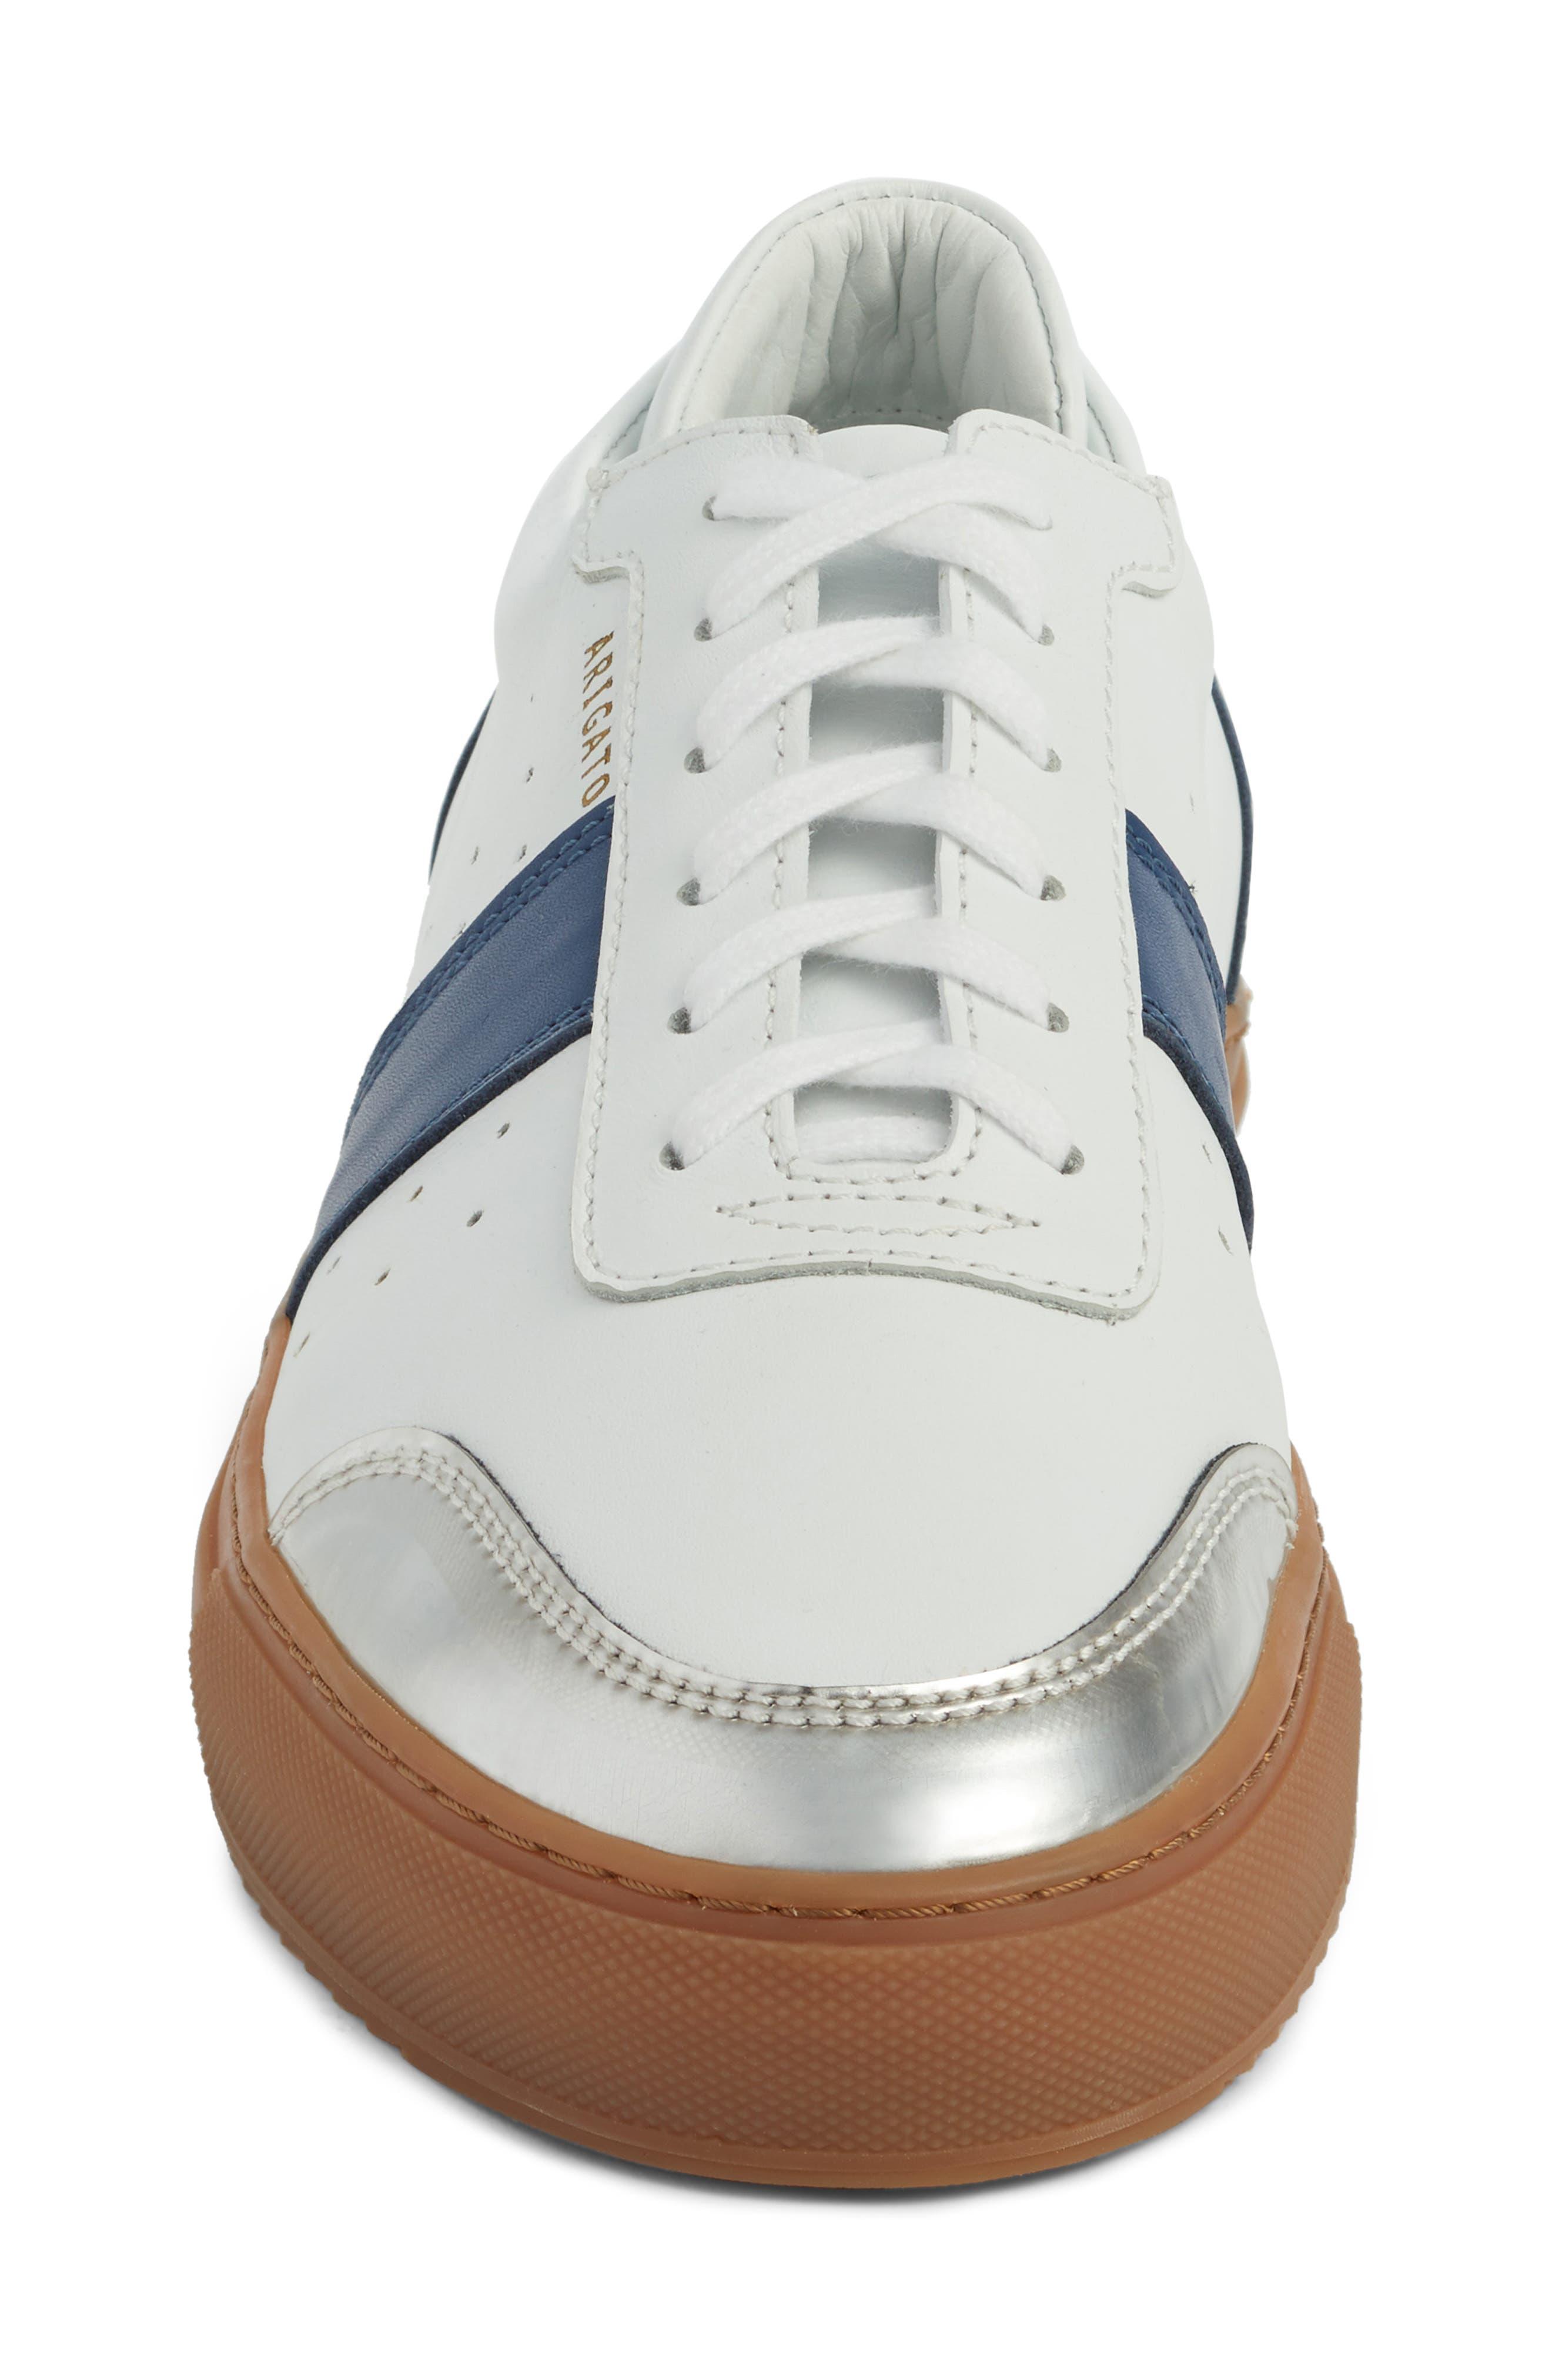 Dunk Sneaker,                             Alternate thumbnail 4, color,                             White/ Navy